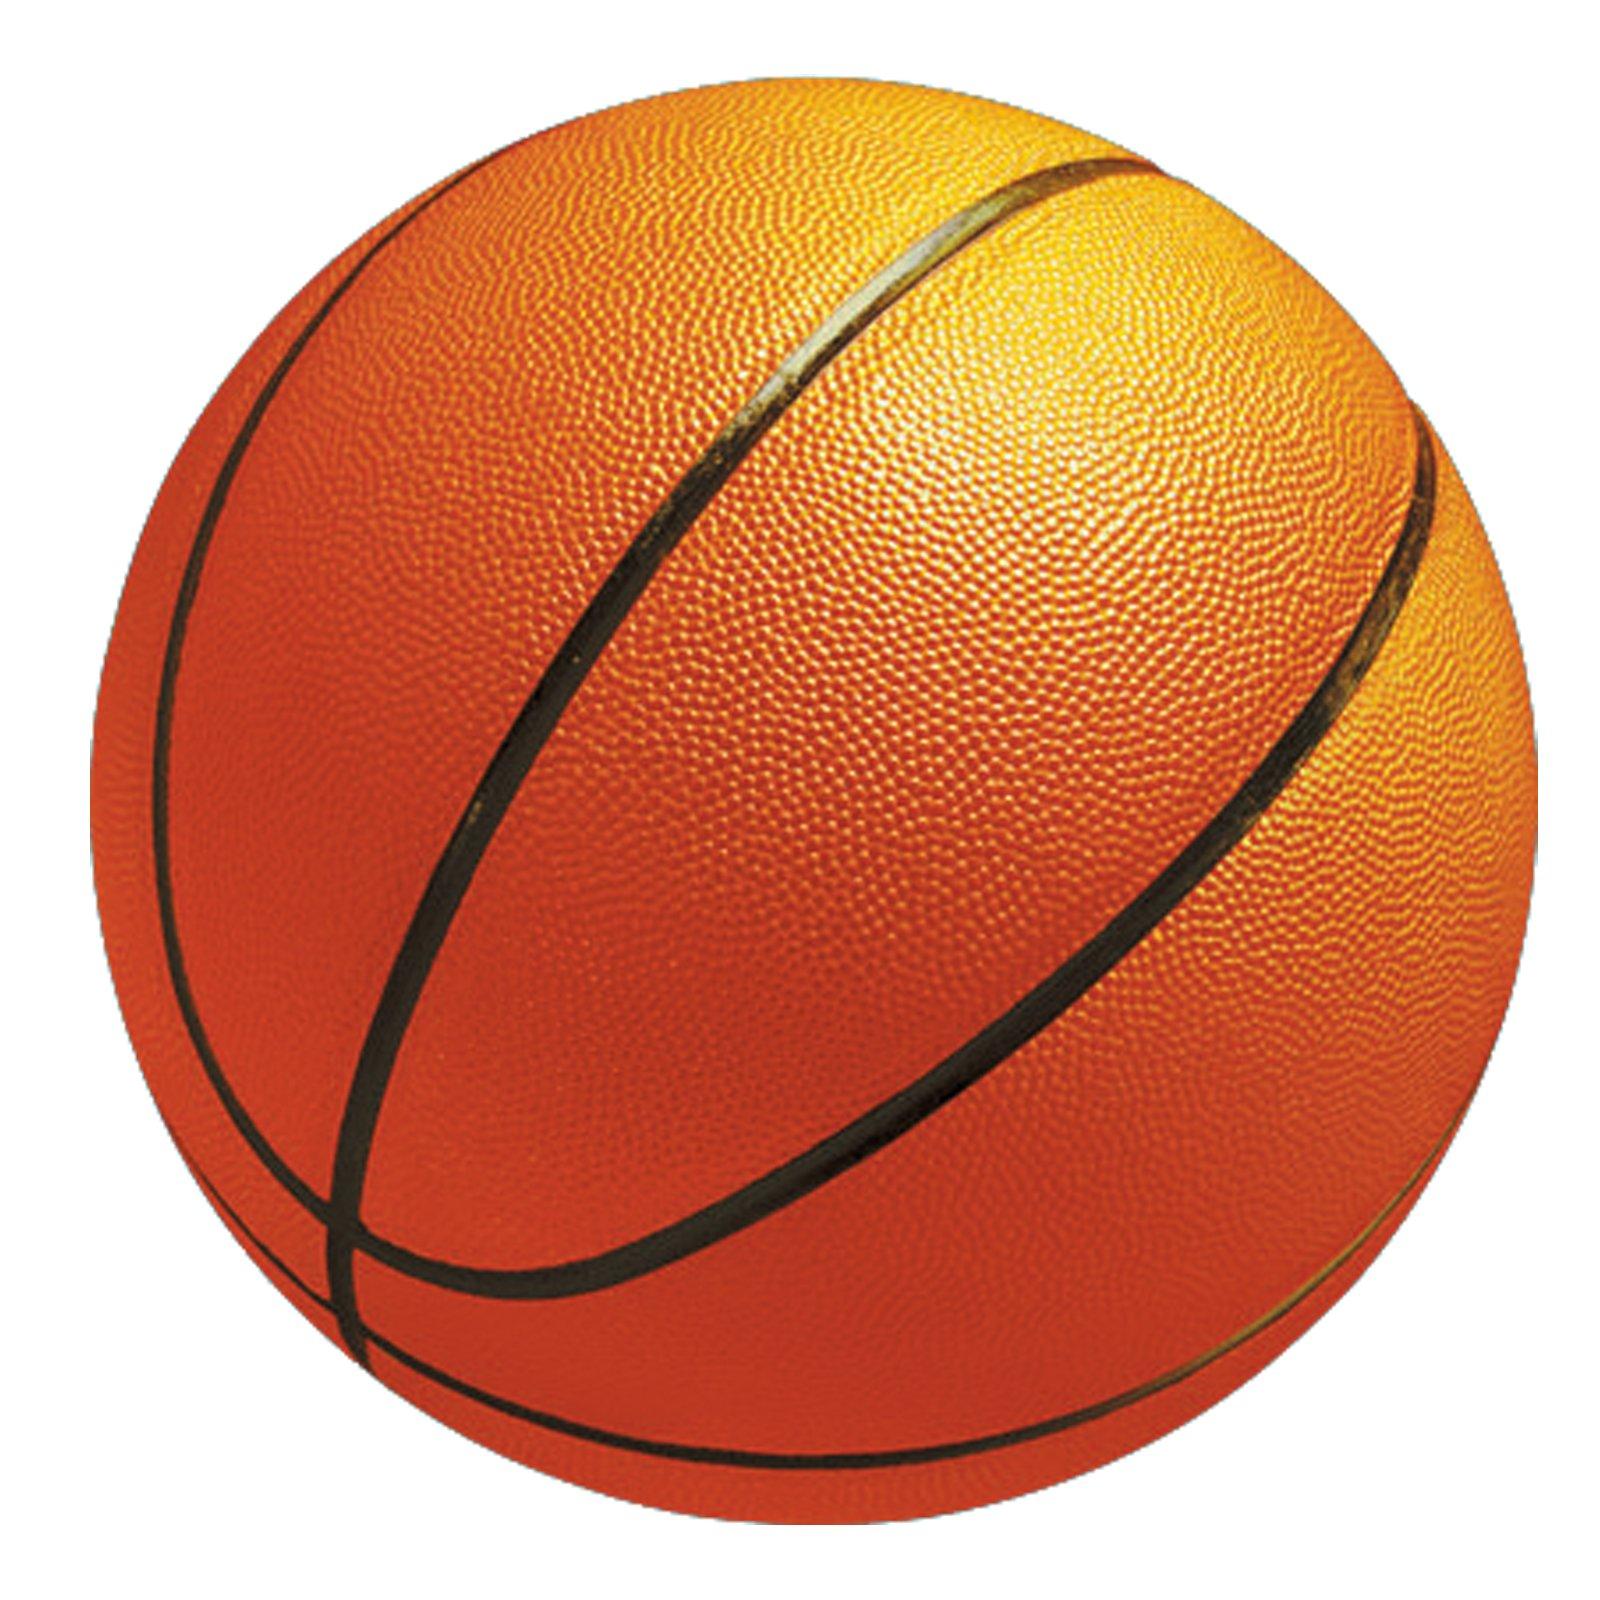 Баскетбольный мяч, баскетбол, фото, обои для рабочего стола